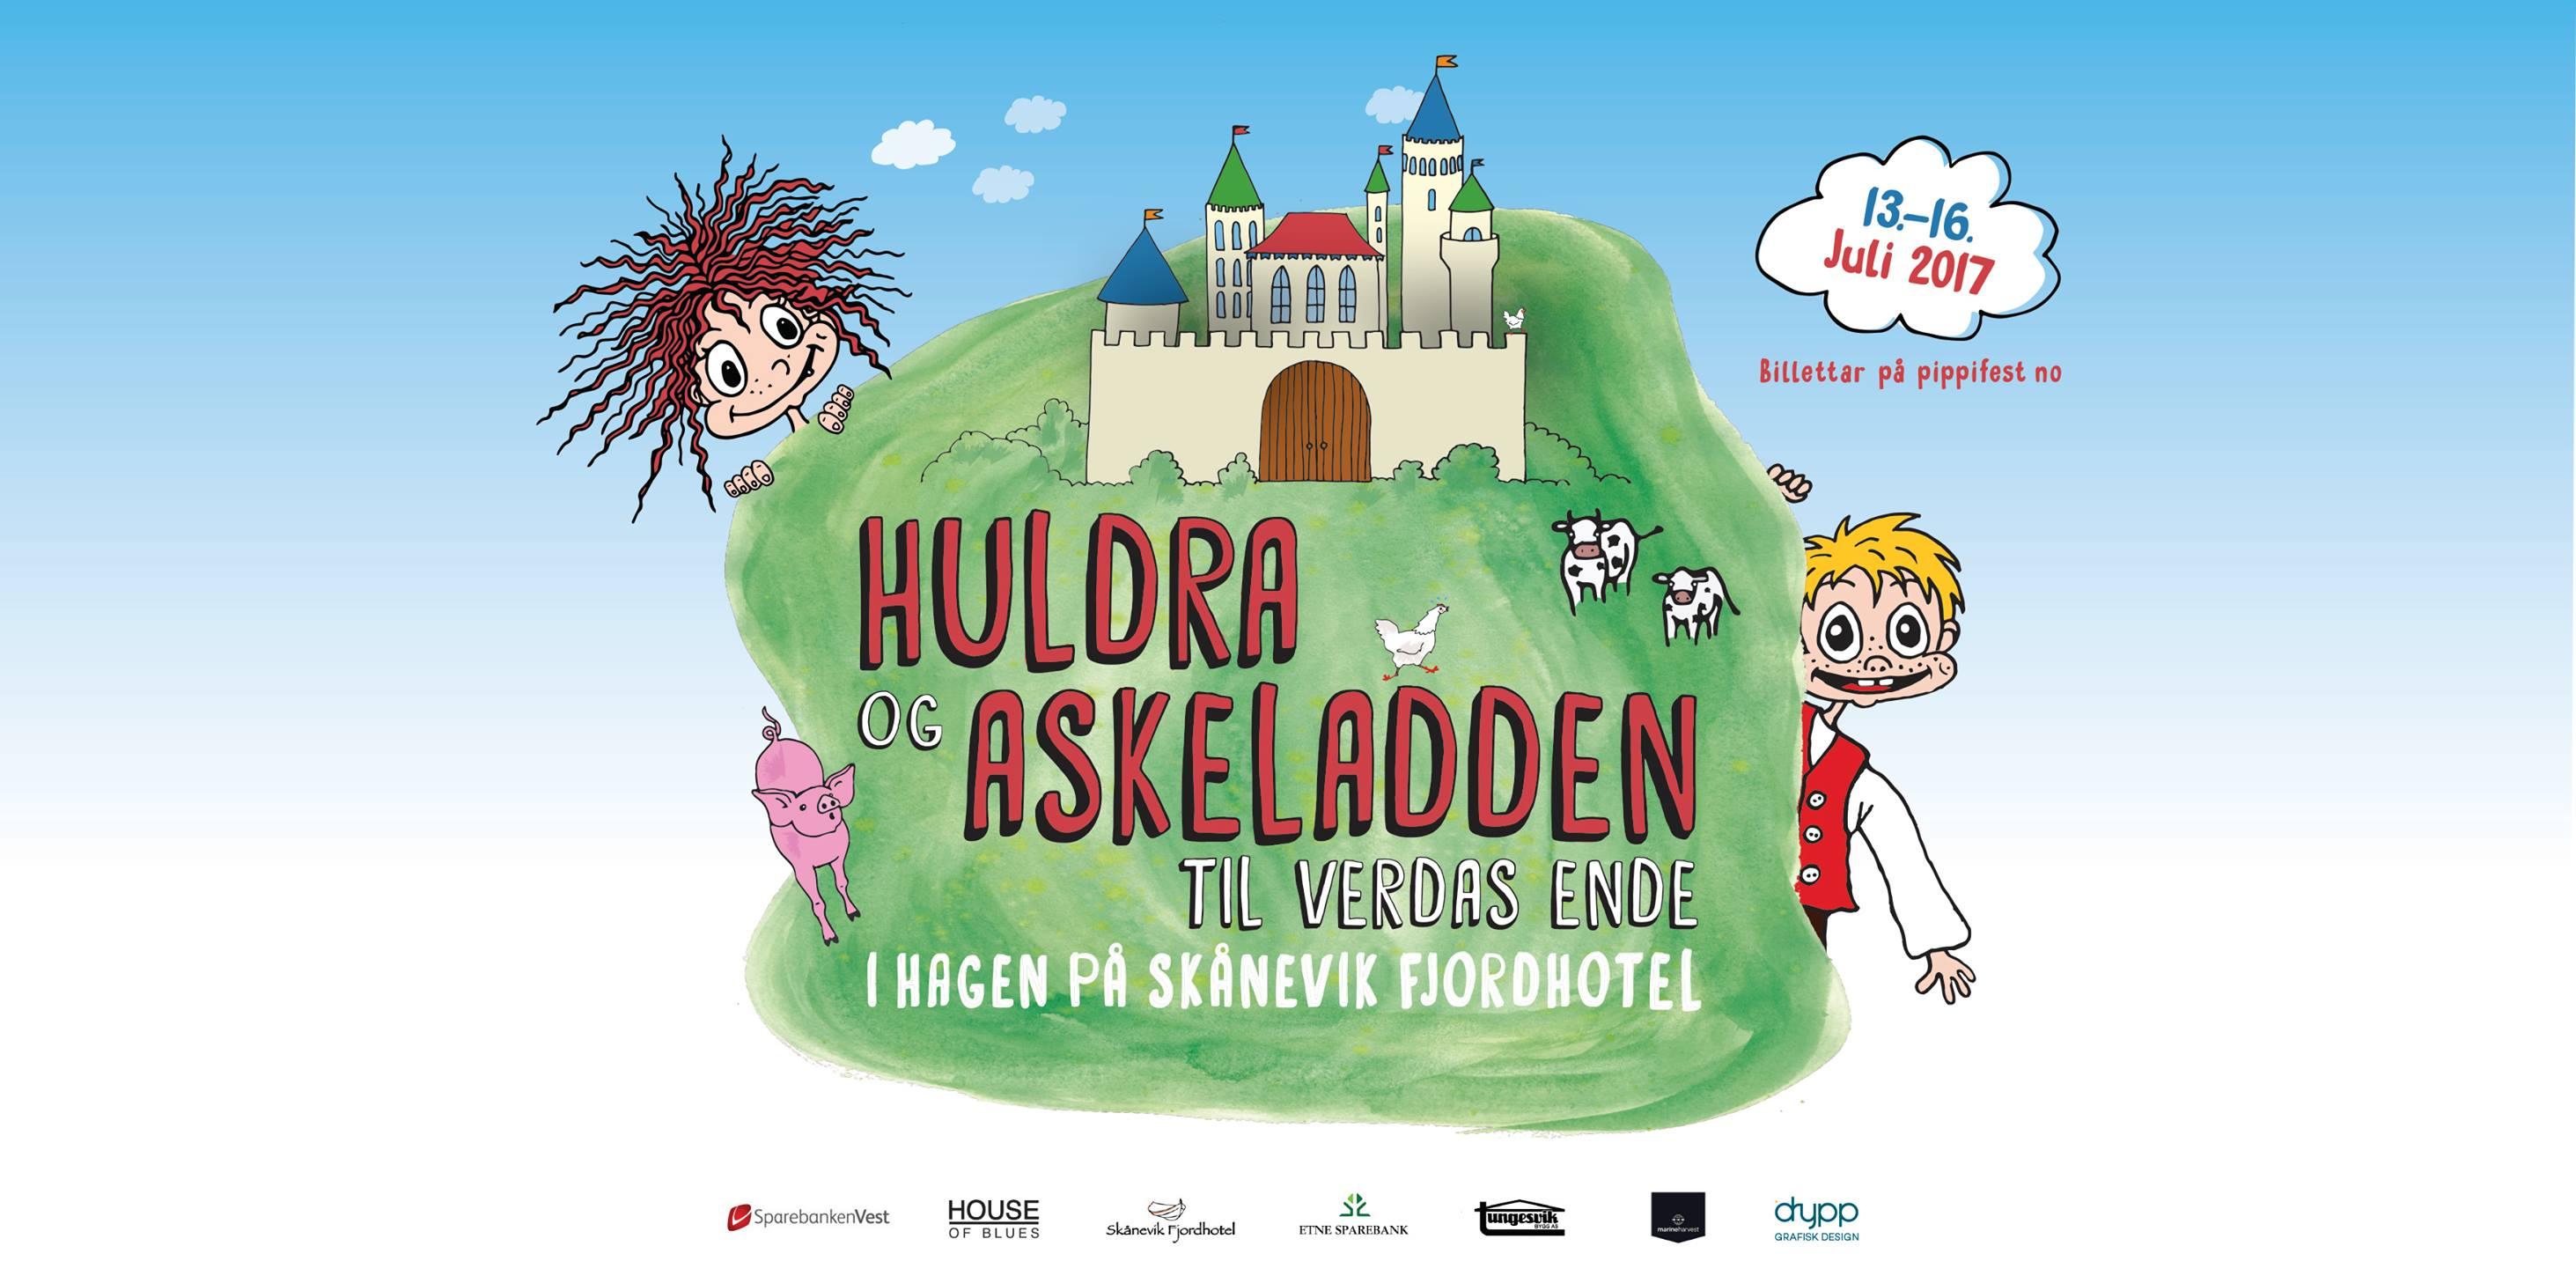 Pippifestivalen i Skånevik 2017